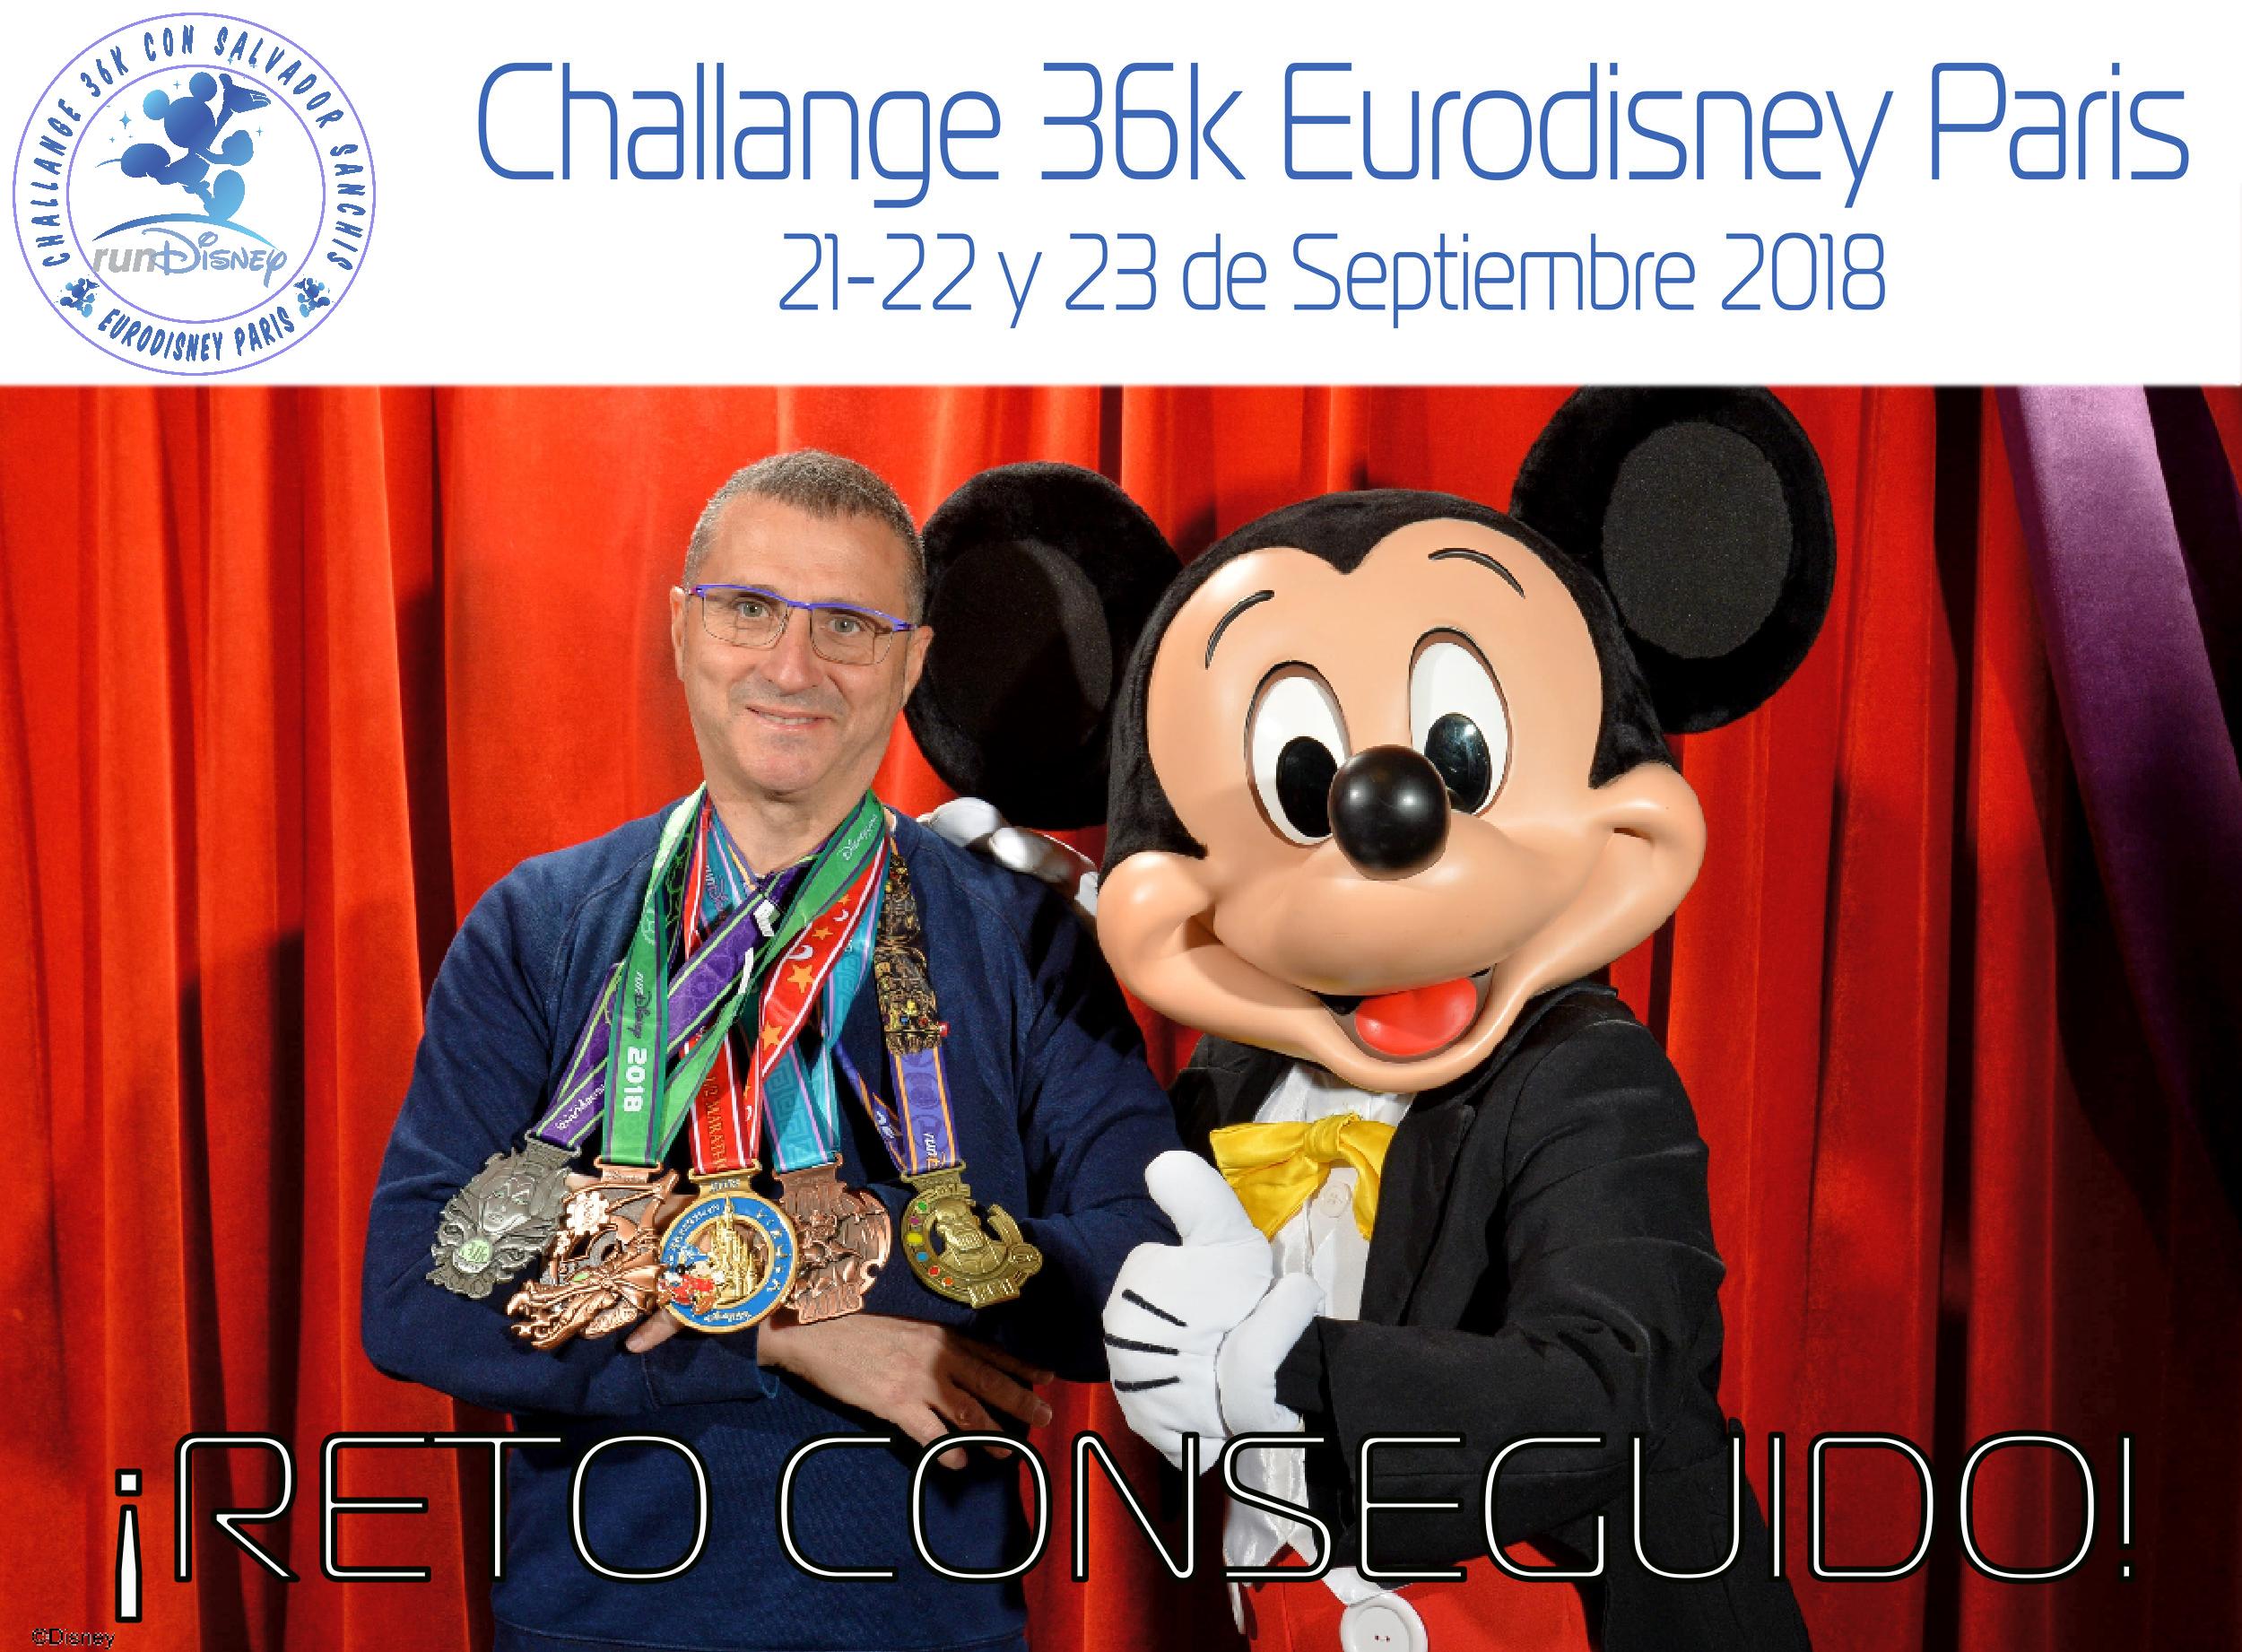 Asumir el nuevo reto de la Challenge 36 kilometros Disneyland ®Weekend Run París magia!